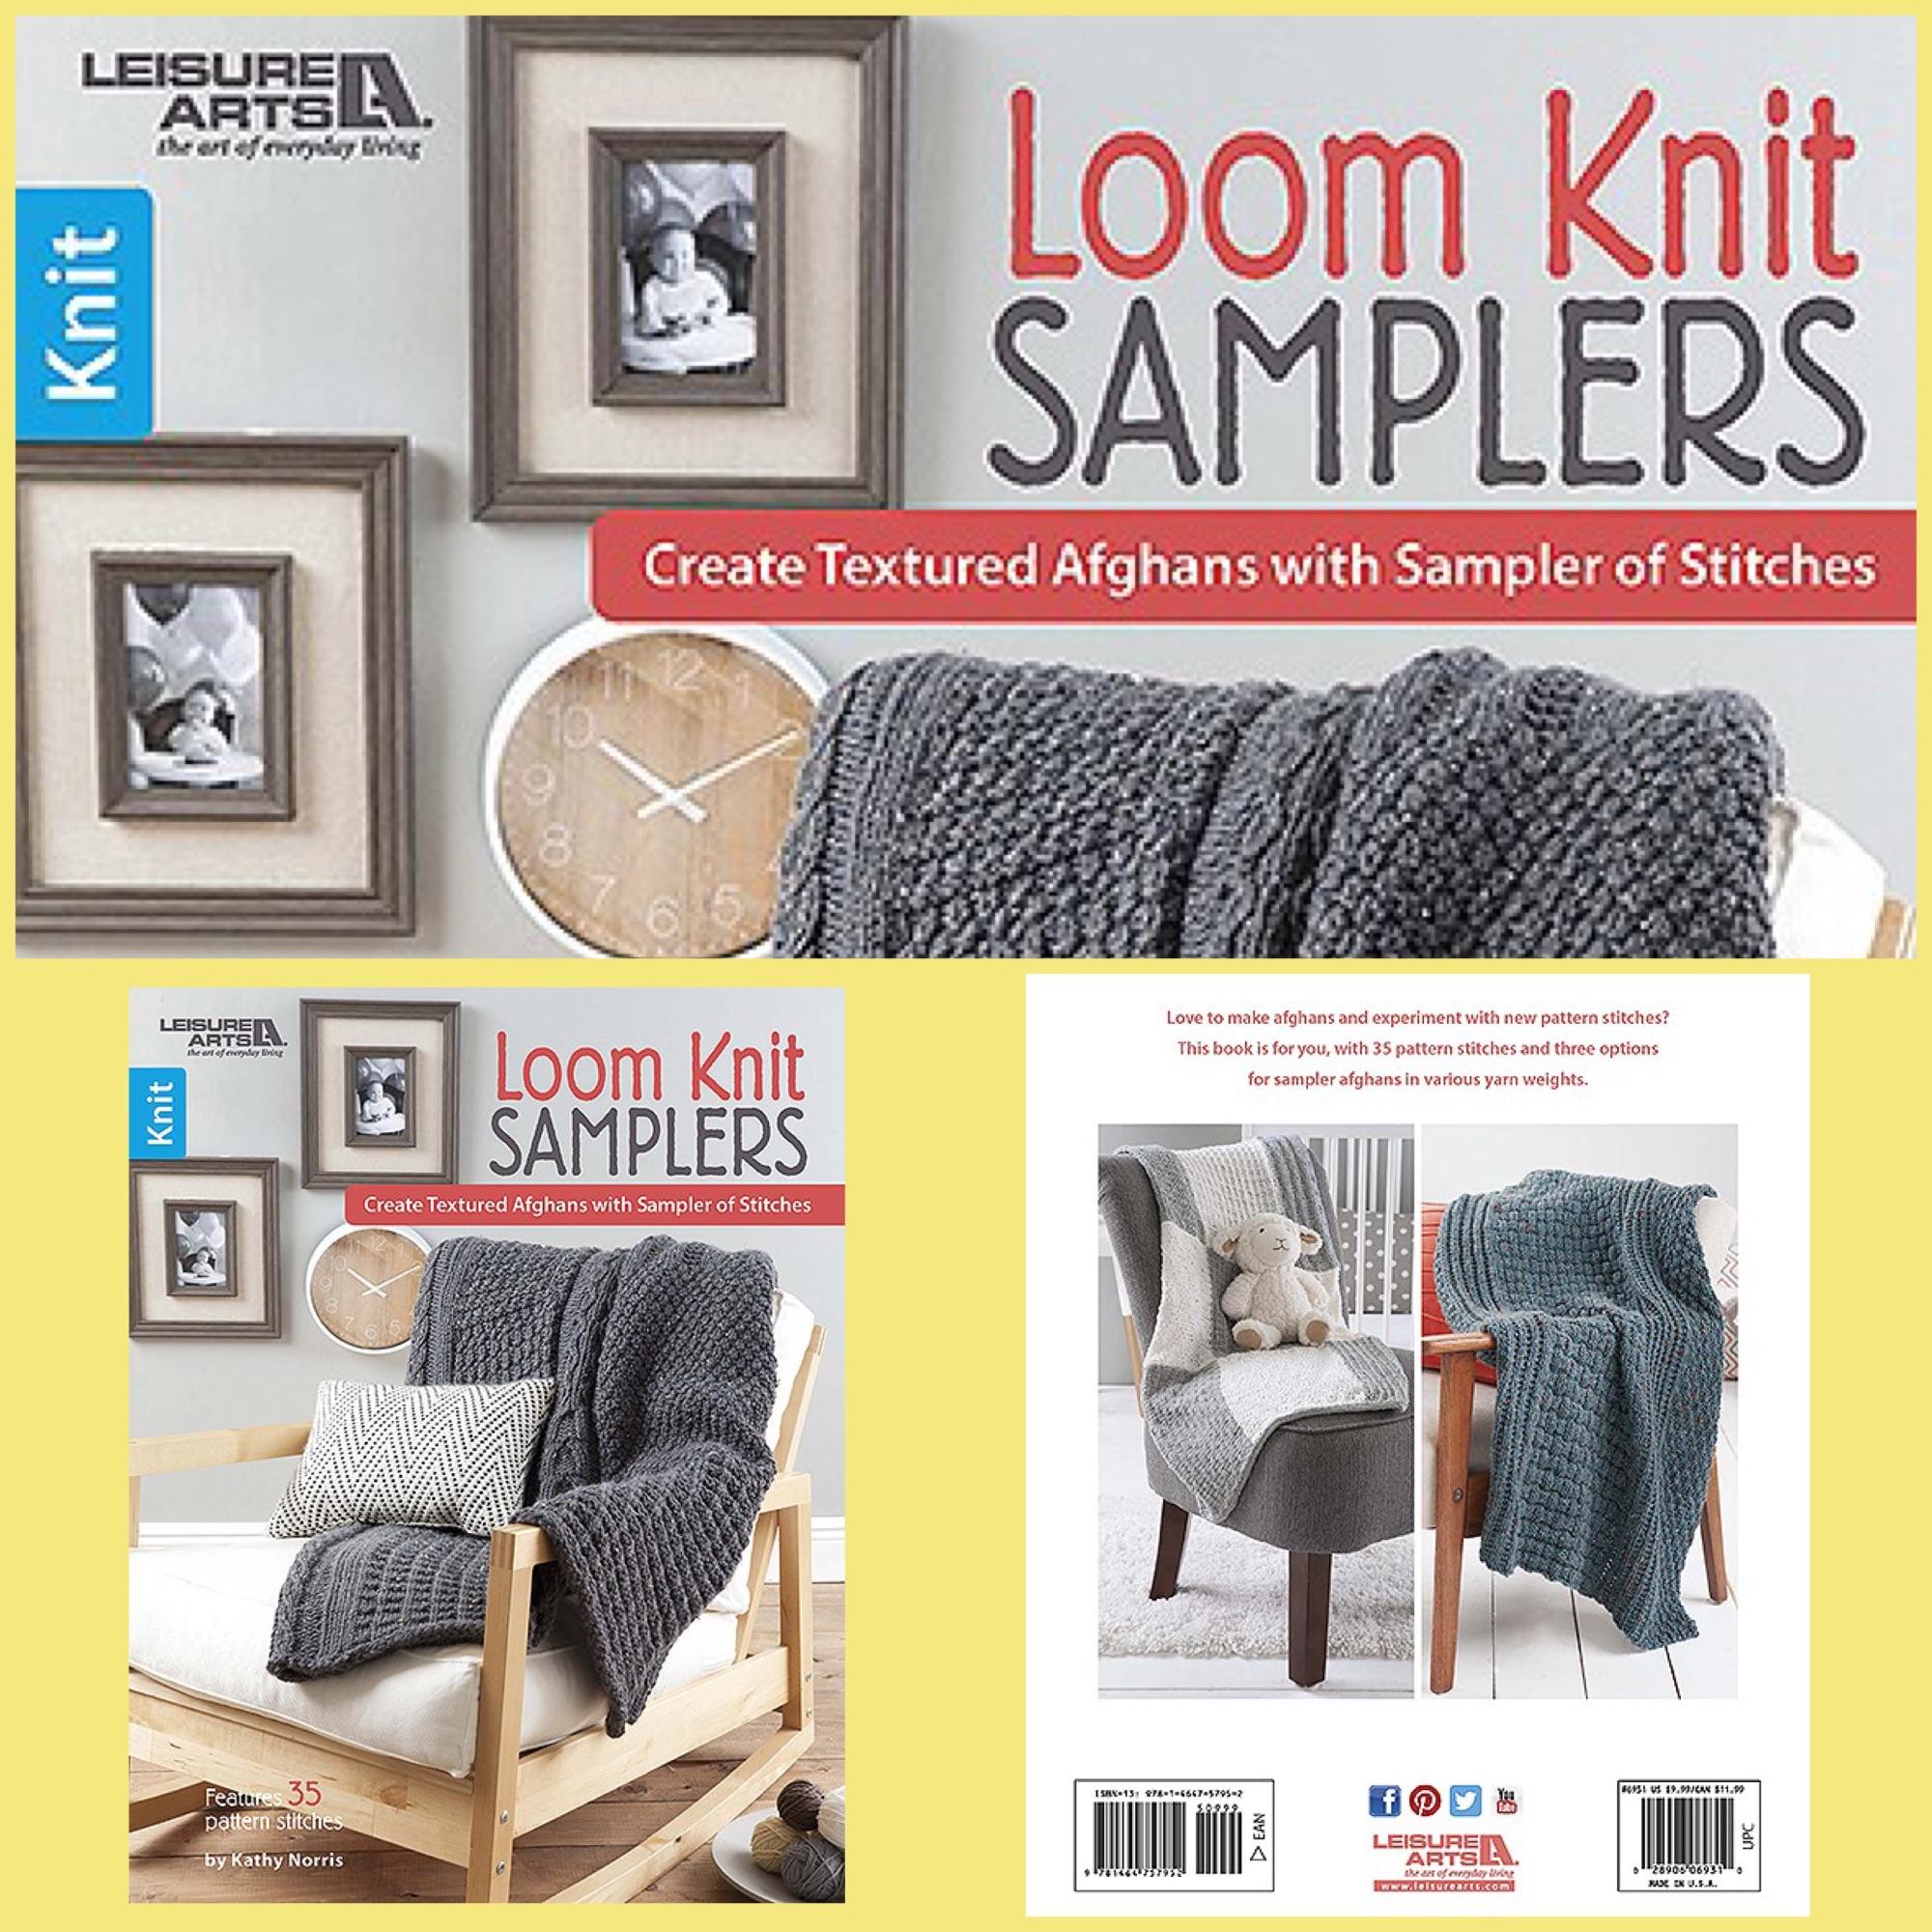 Leisure arts book loom knit samplers kathy norris 2017